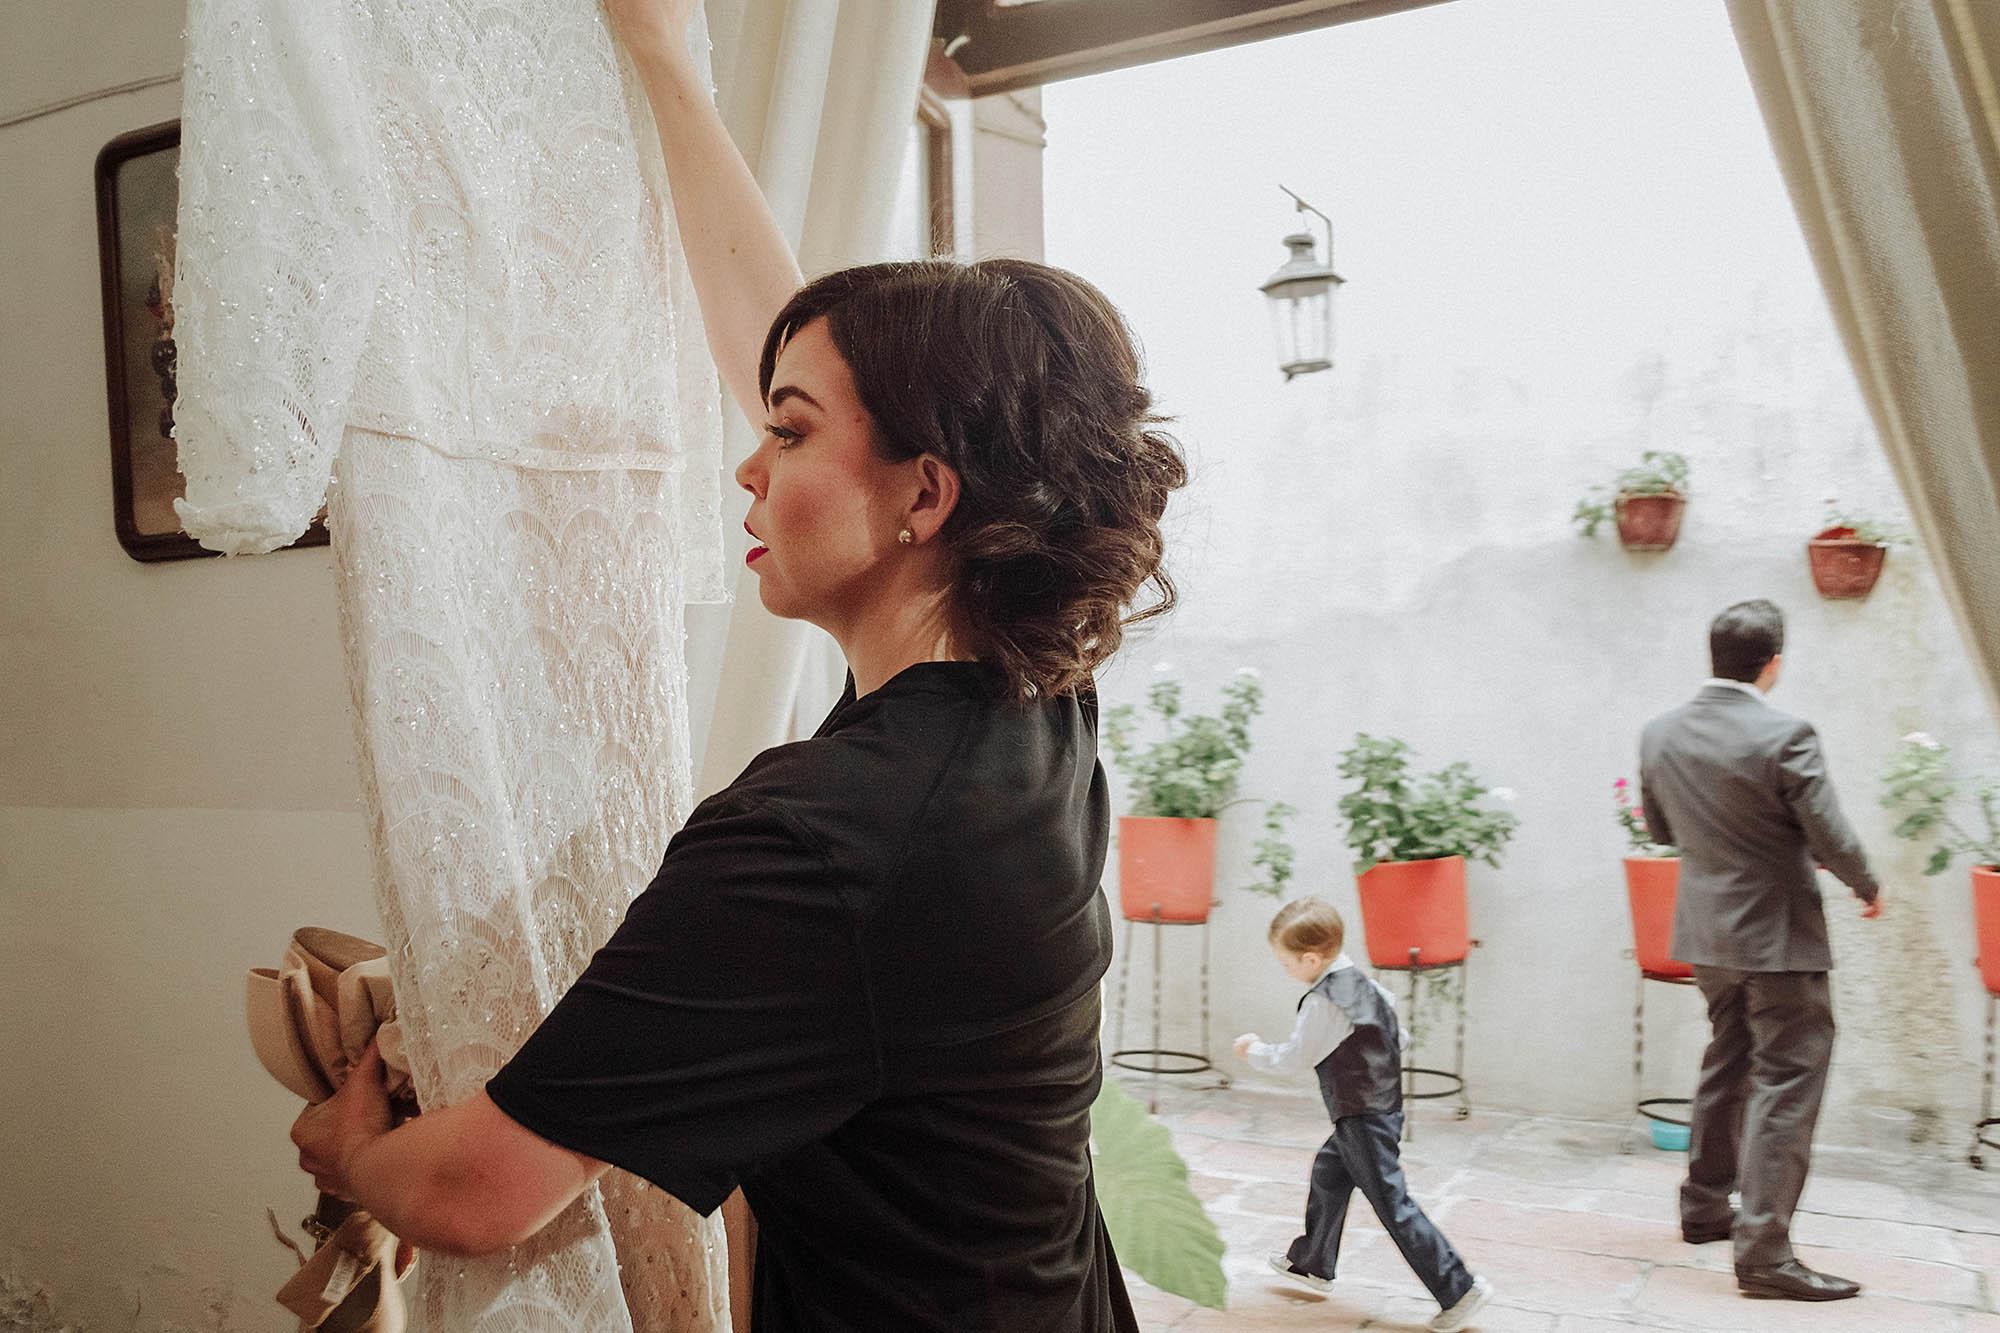 fotografia-de-boda-destino-Jimena-Mañon-Javier-Mere-2.jpg